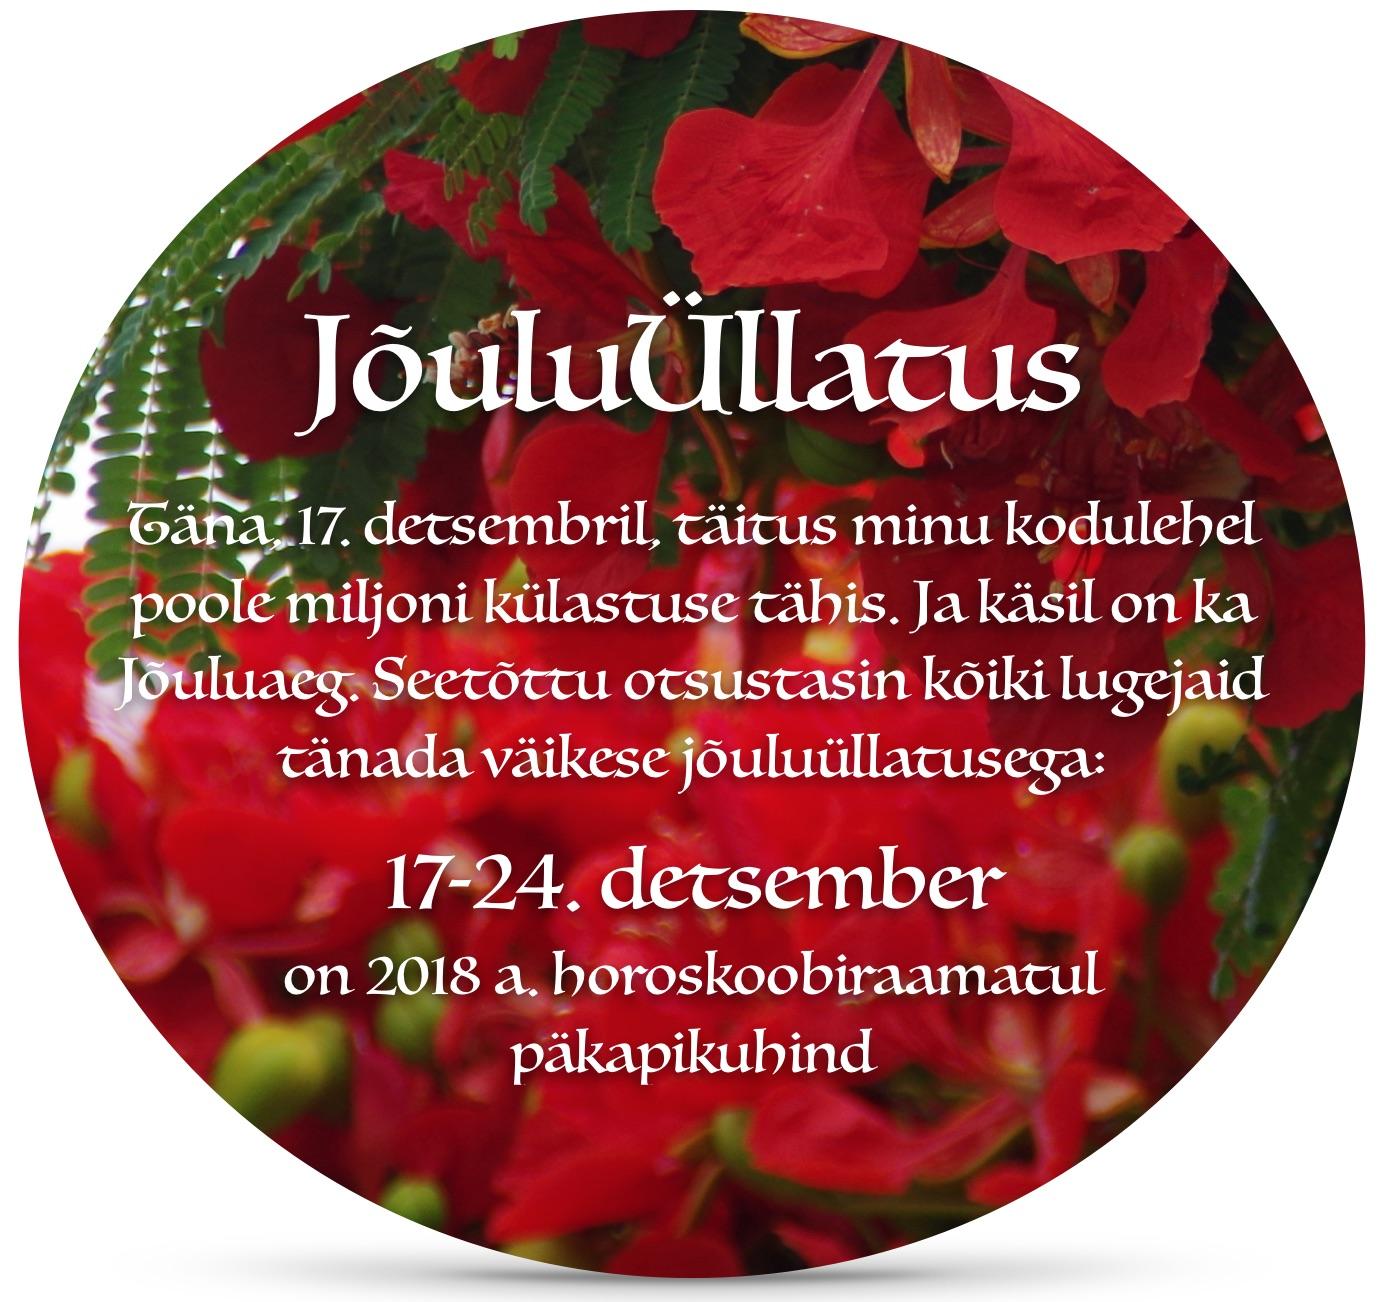 JõuluÜllatus – 17-24. detsember tervitab teid päkapikuhind